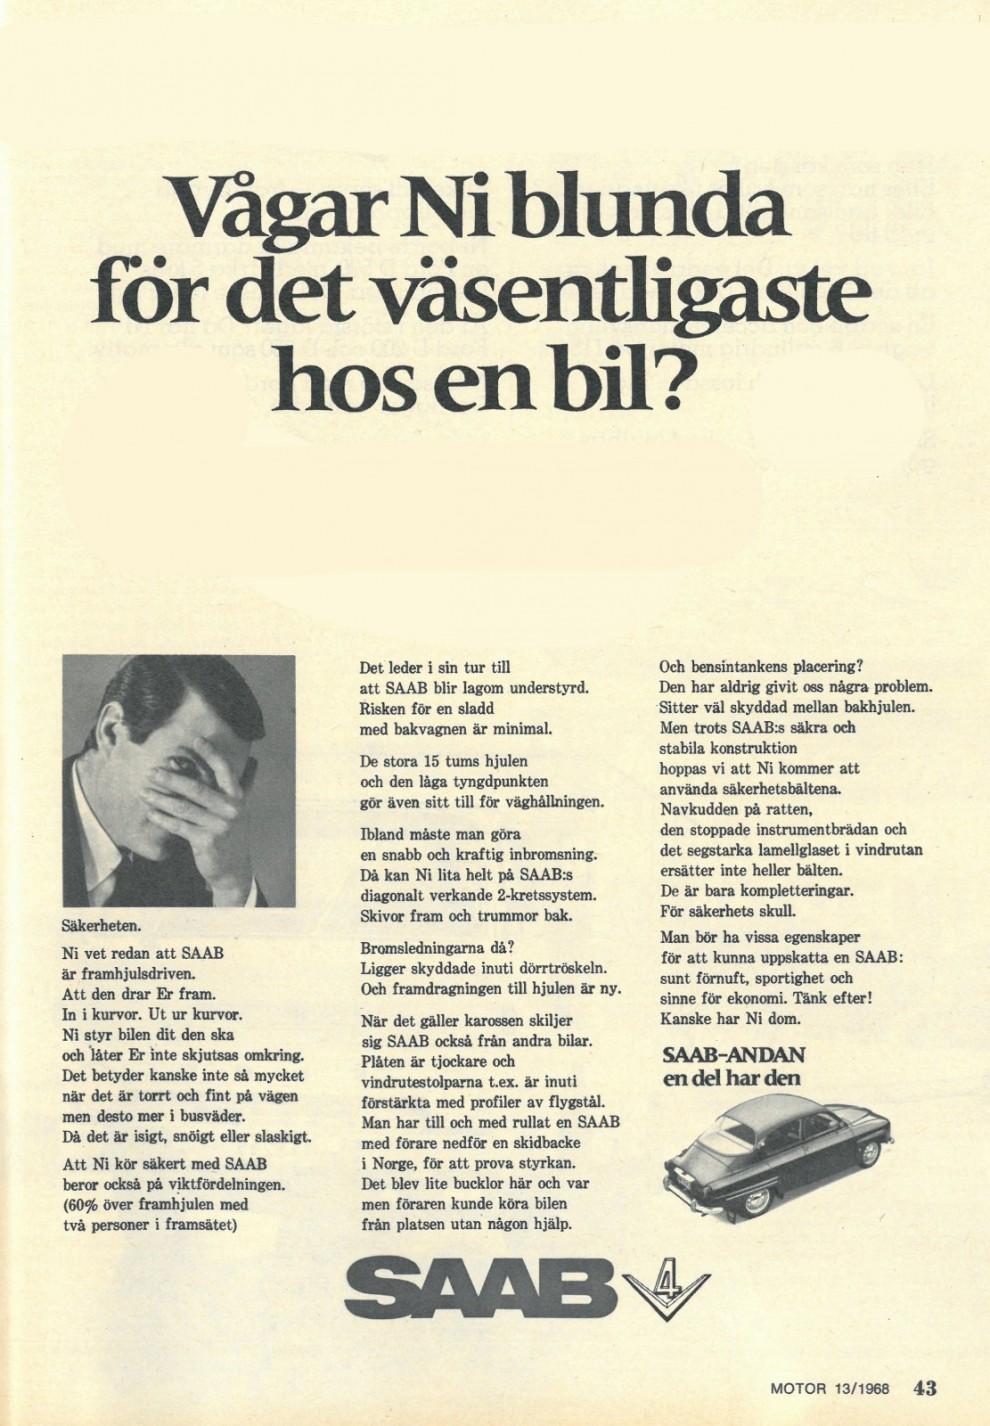 Saab 1968